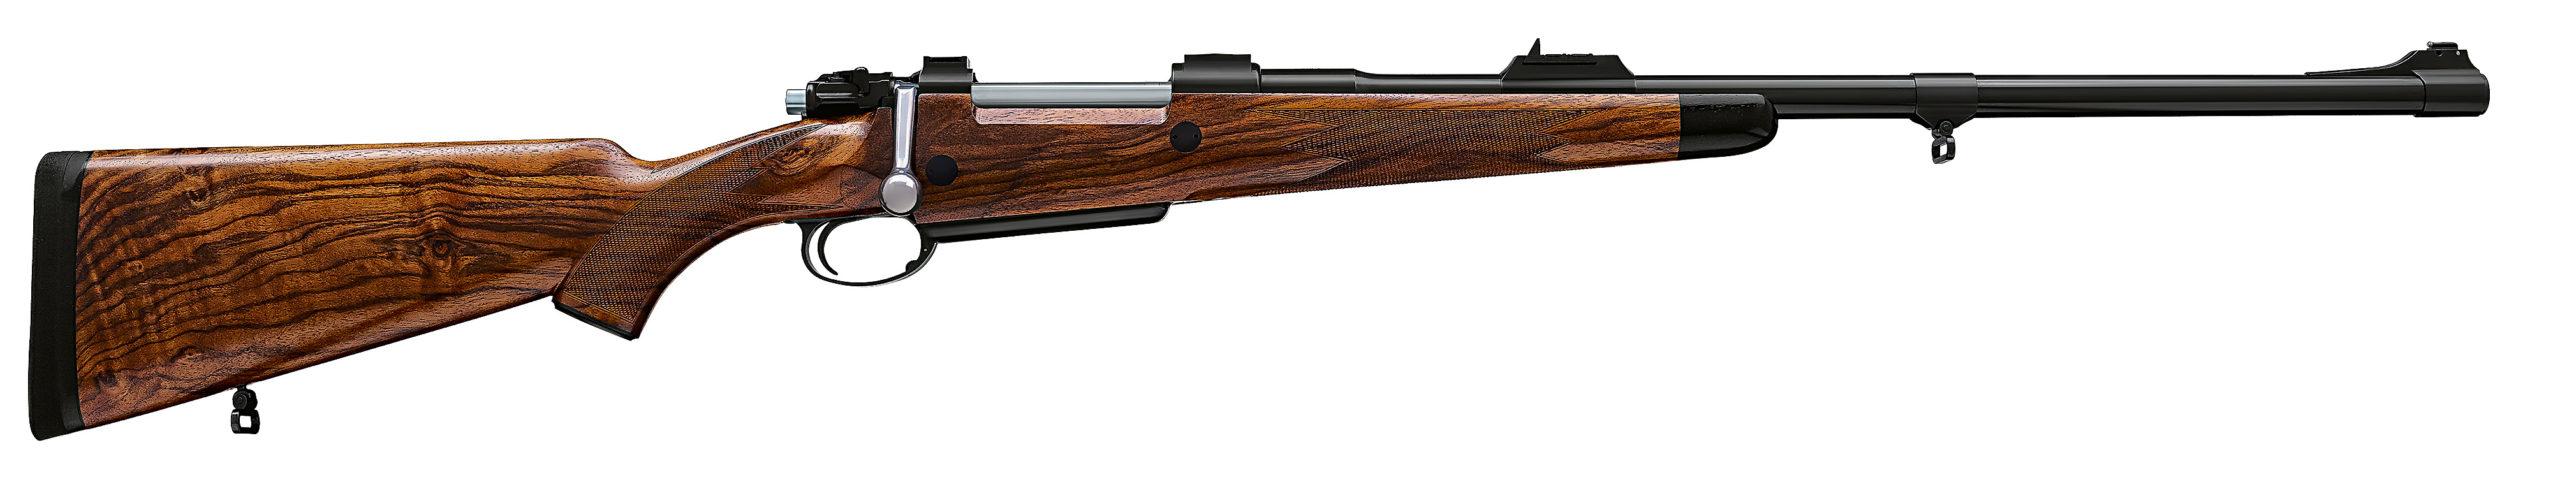 Mauser, la carabine M 98 Magnum